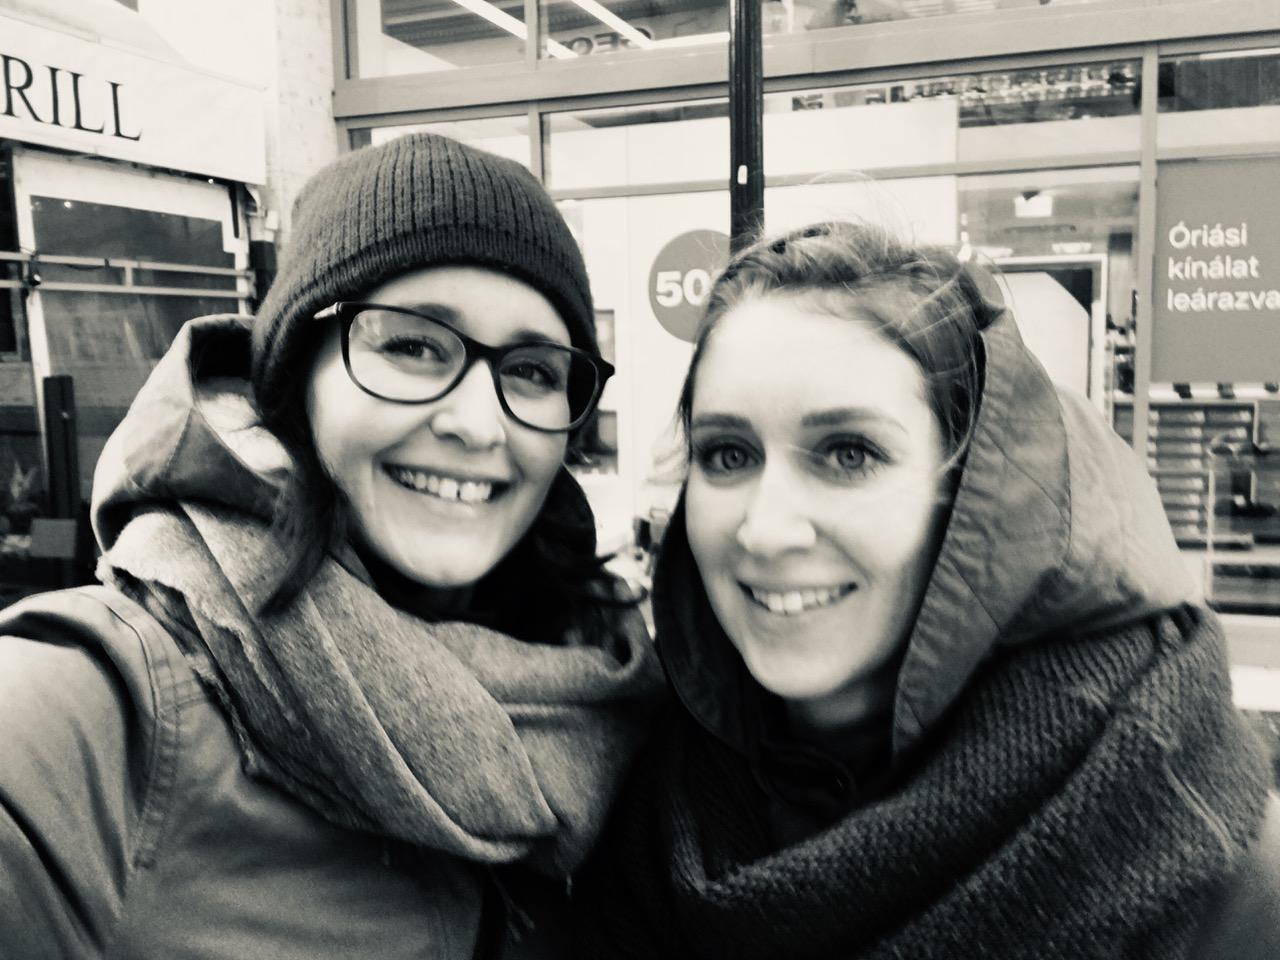 Reisegeschichten: So fand Manuela ihre Überraschungsreise | Unplanned